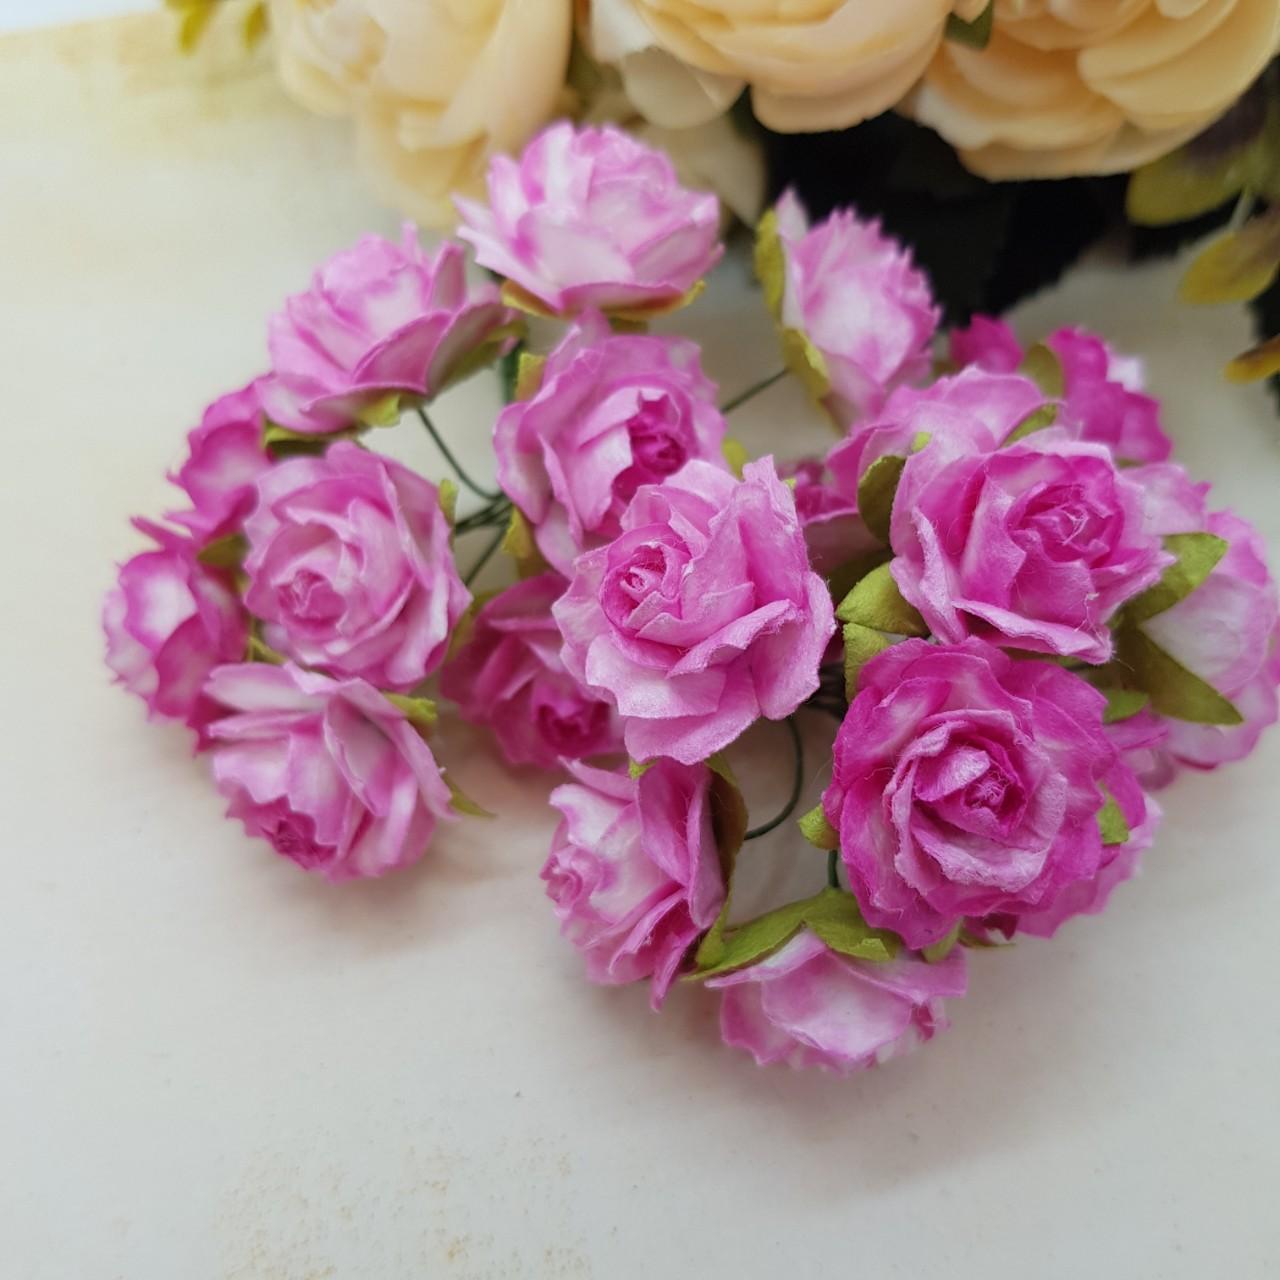 Набор диких розочек 25 мм, ярко-розовый, 5 шт